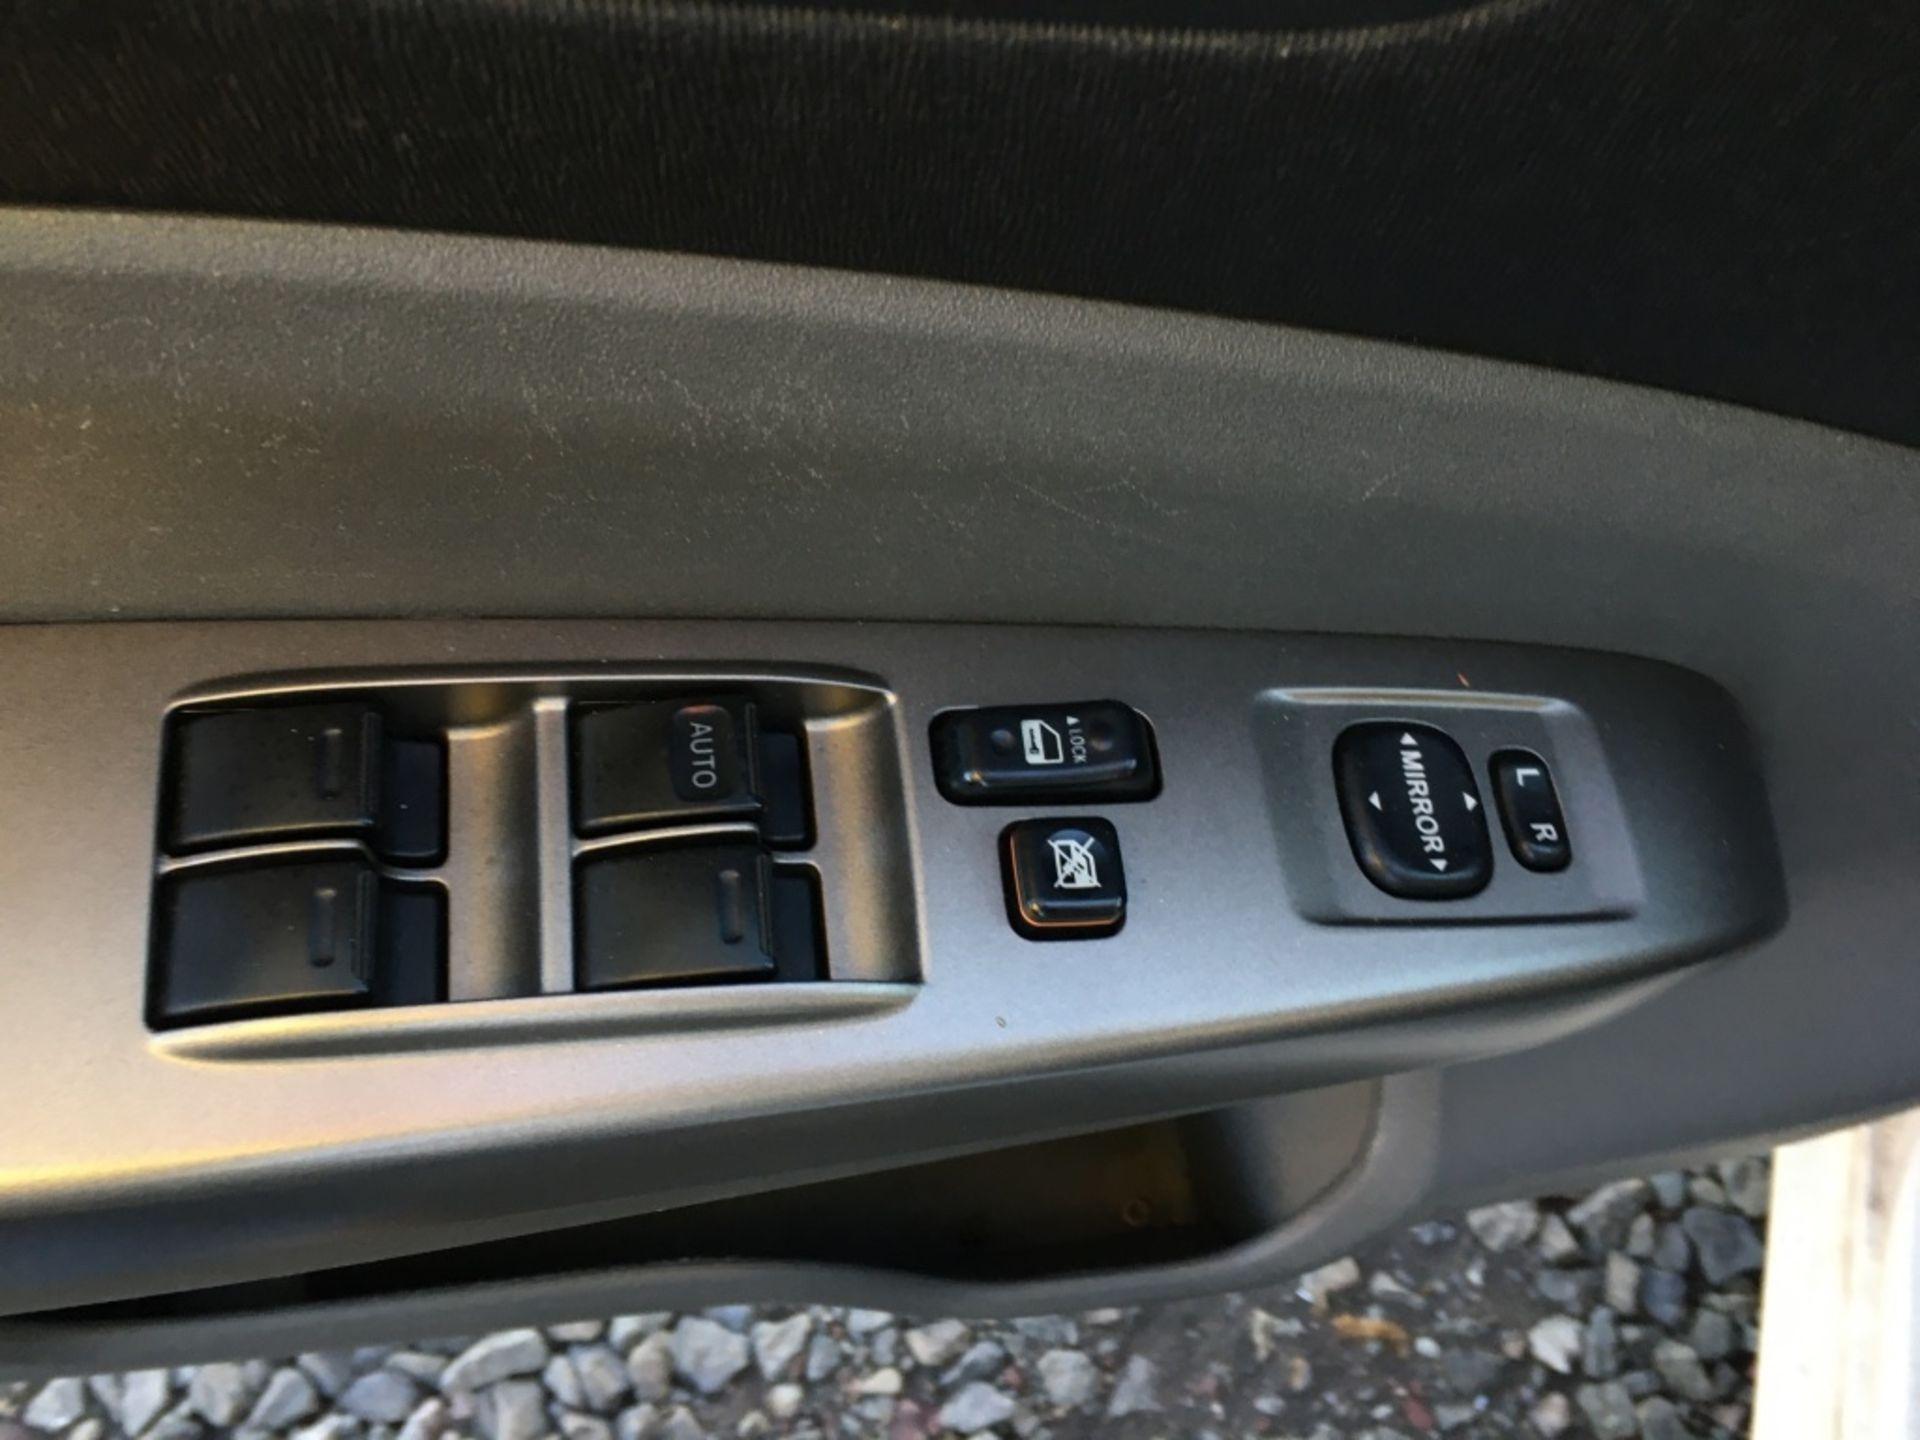 2009 Toyota Prius Sedan - Image 8 of 18